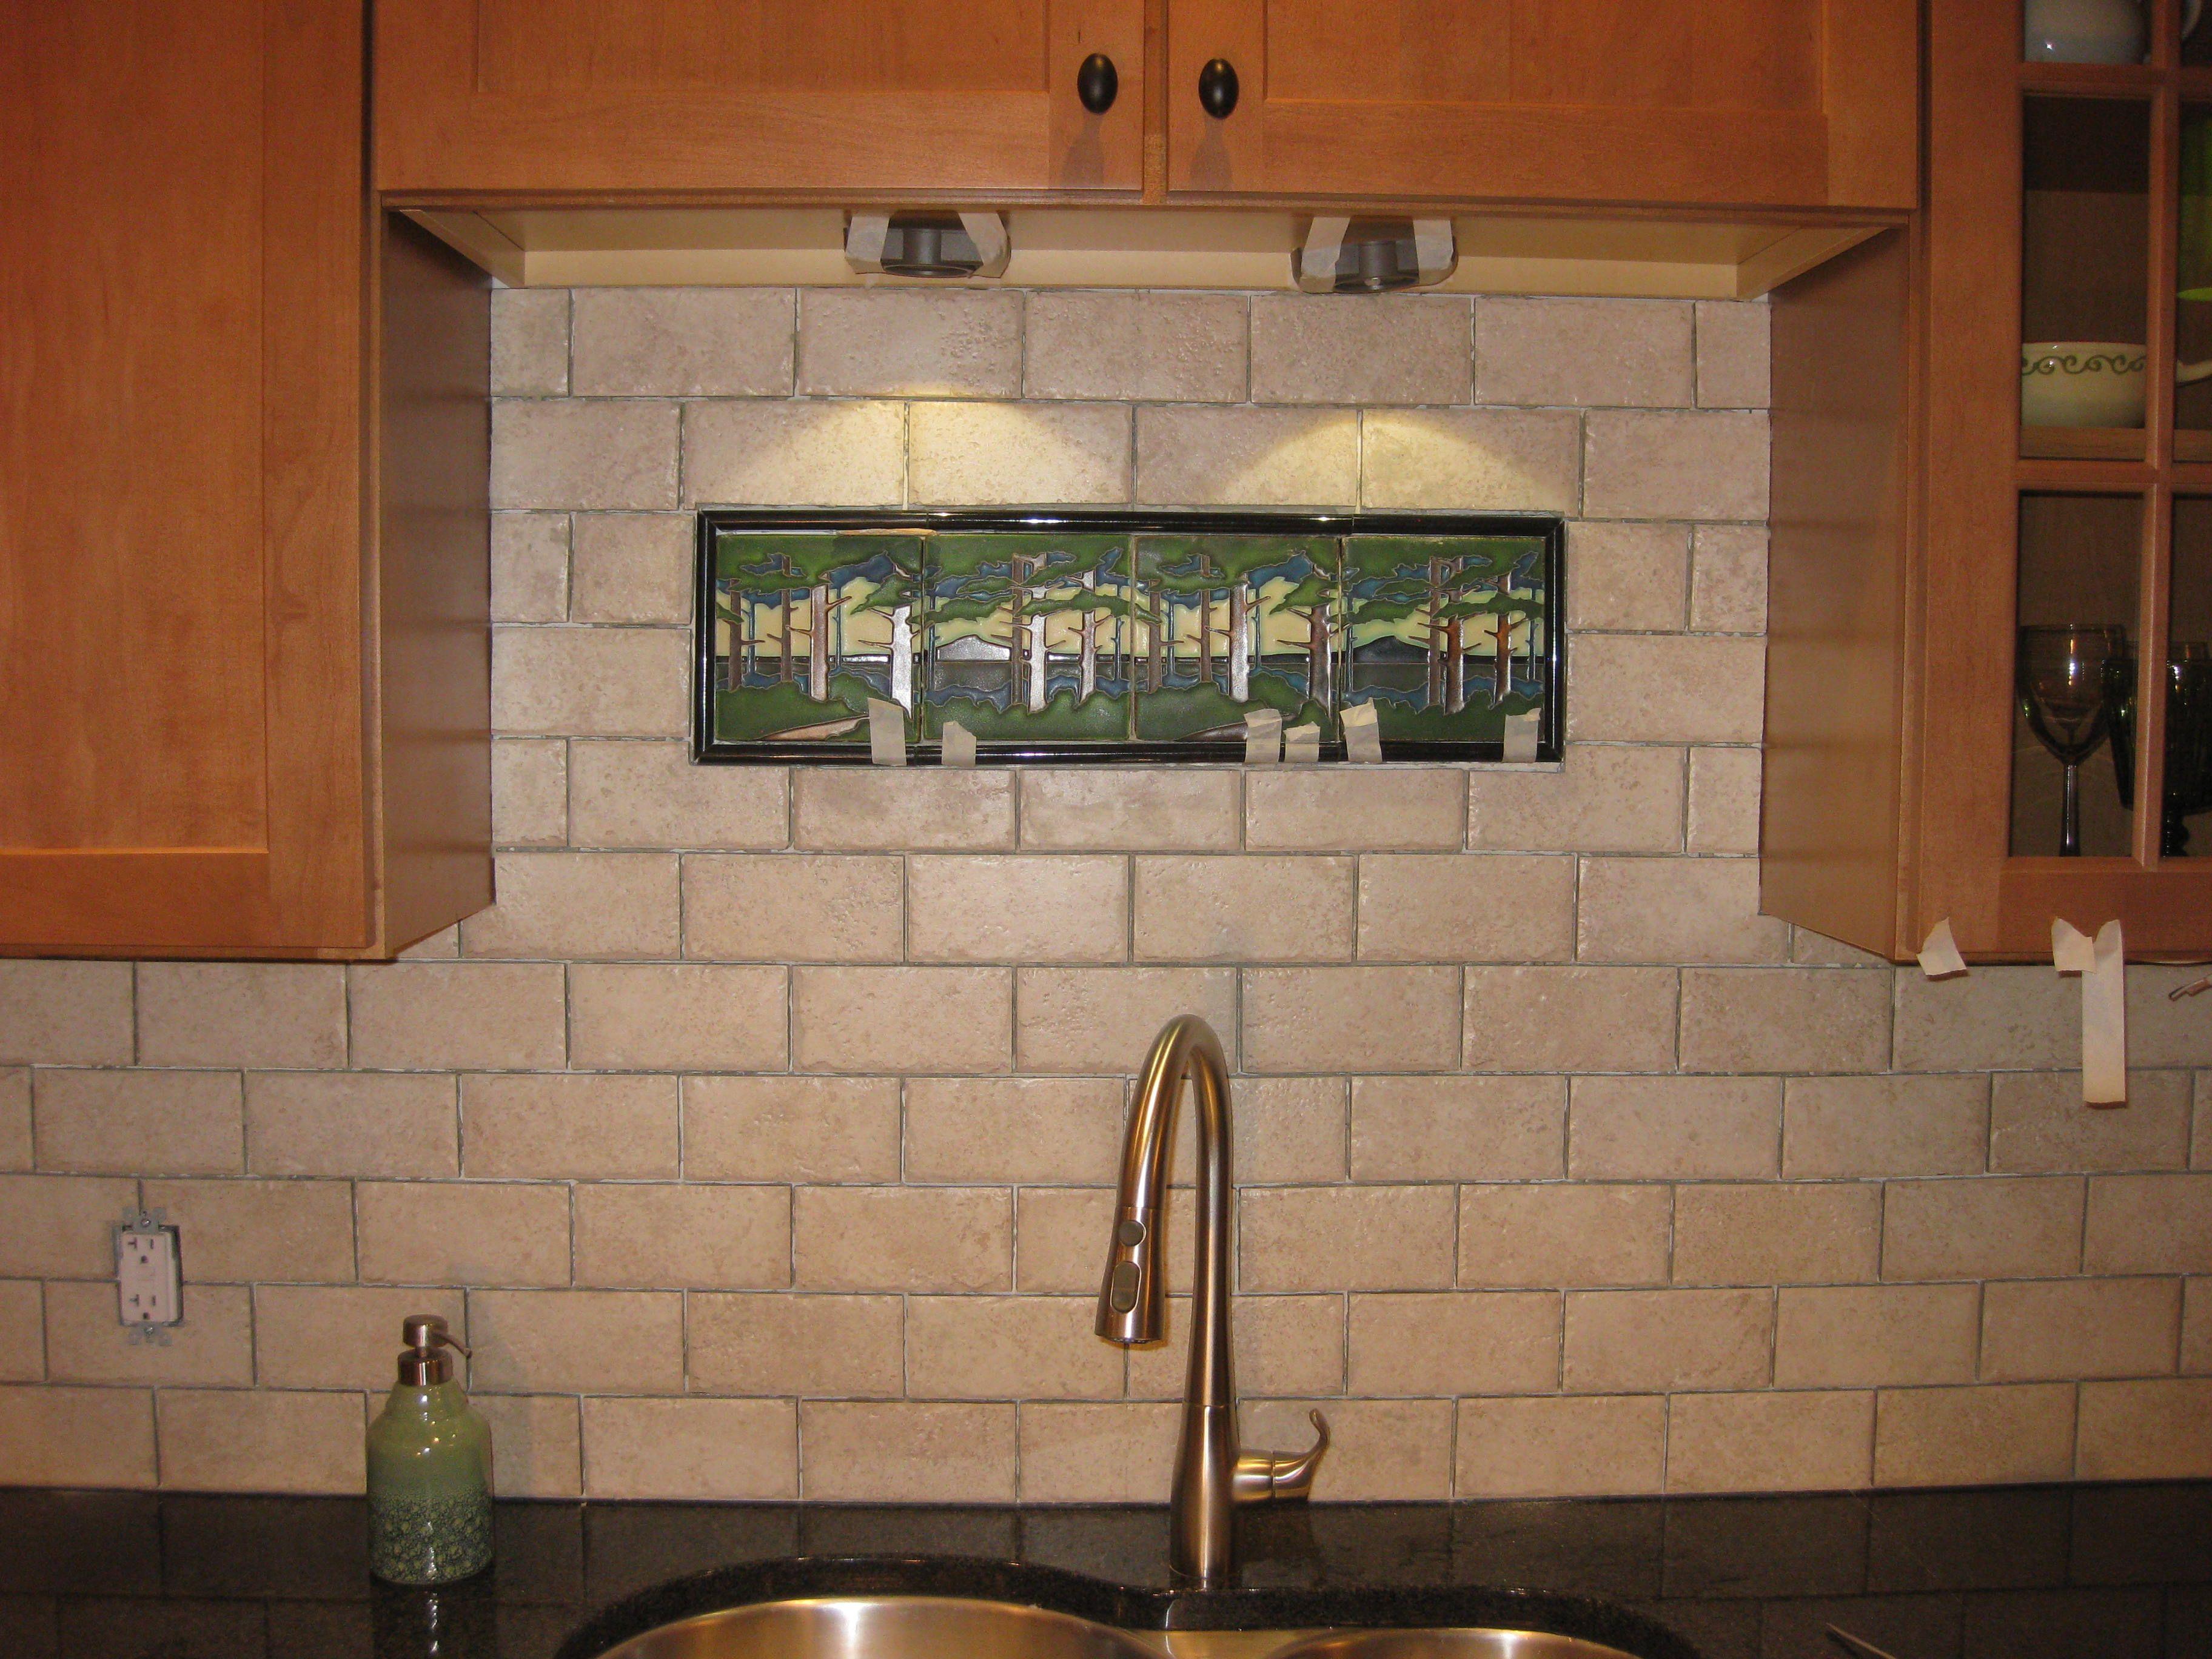 Dyi back spash using motawi tile backsplash dyi back splash dyi back spash using motawi tile craftsman kitchen dailygadgetfo Choice Image